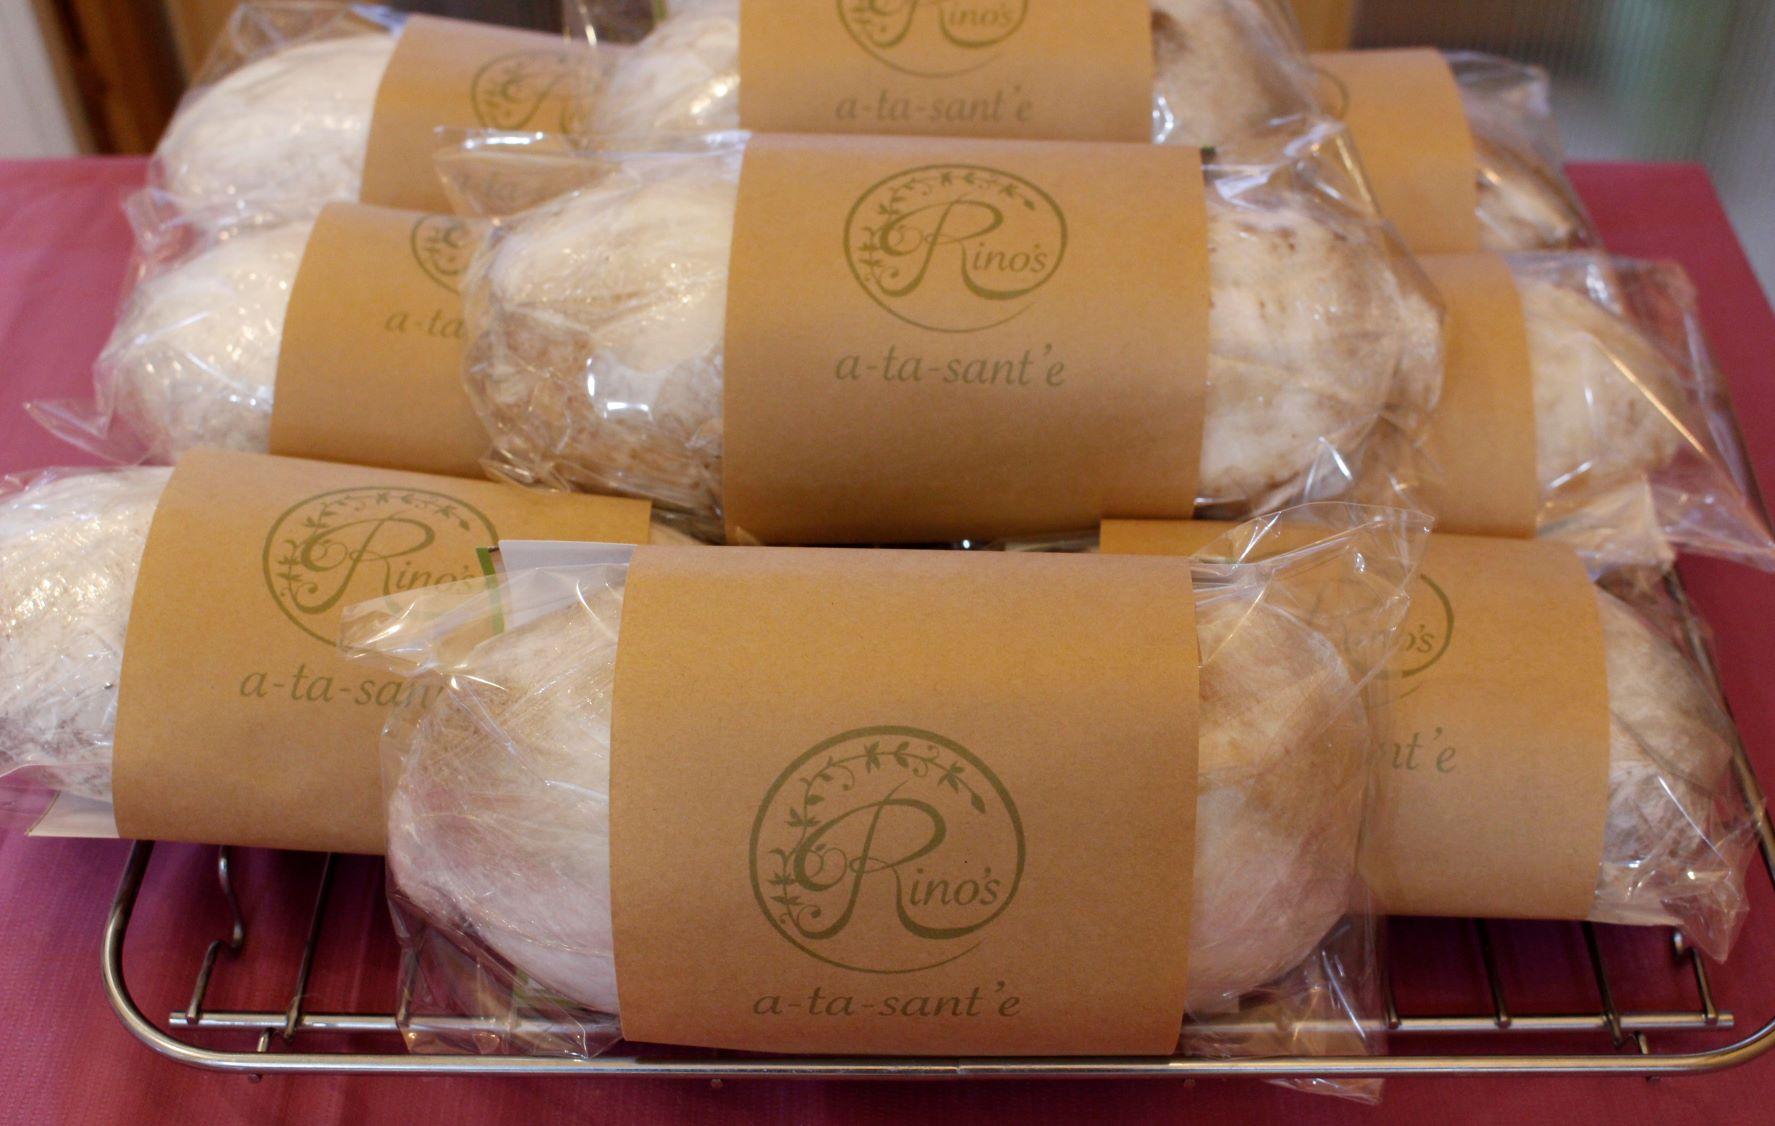 a-ta-sante糖質制限パン料理教室。阿倍野区。桃ヶ池町。a-ta-sant'e.スペルト小麦。シュトーレン。一年に一度のご褒美。低糖食コーディネーター。利野郁枝。